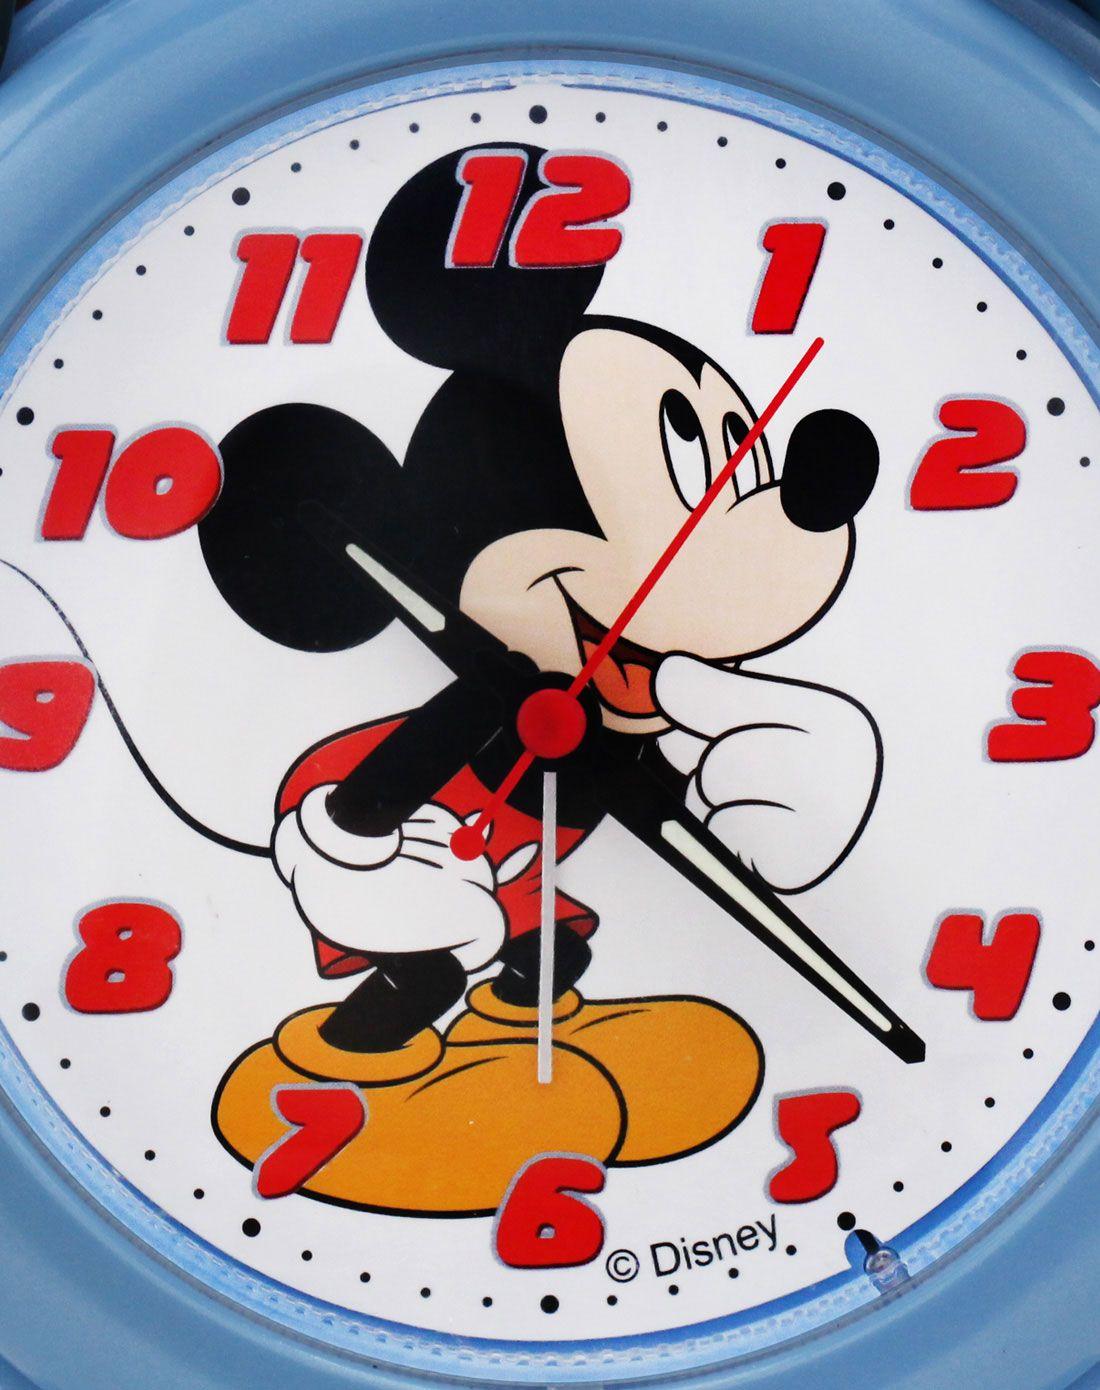 迪士尼可爱卡通懒人闹钟